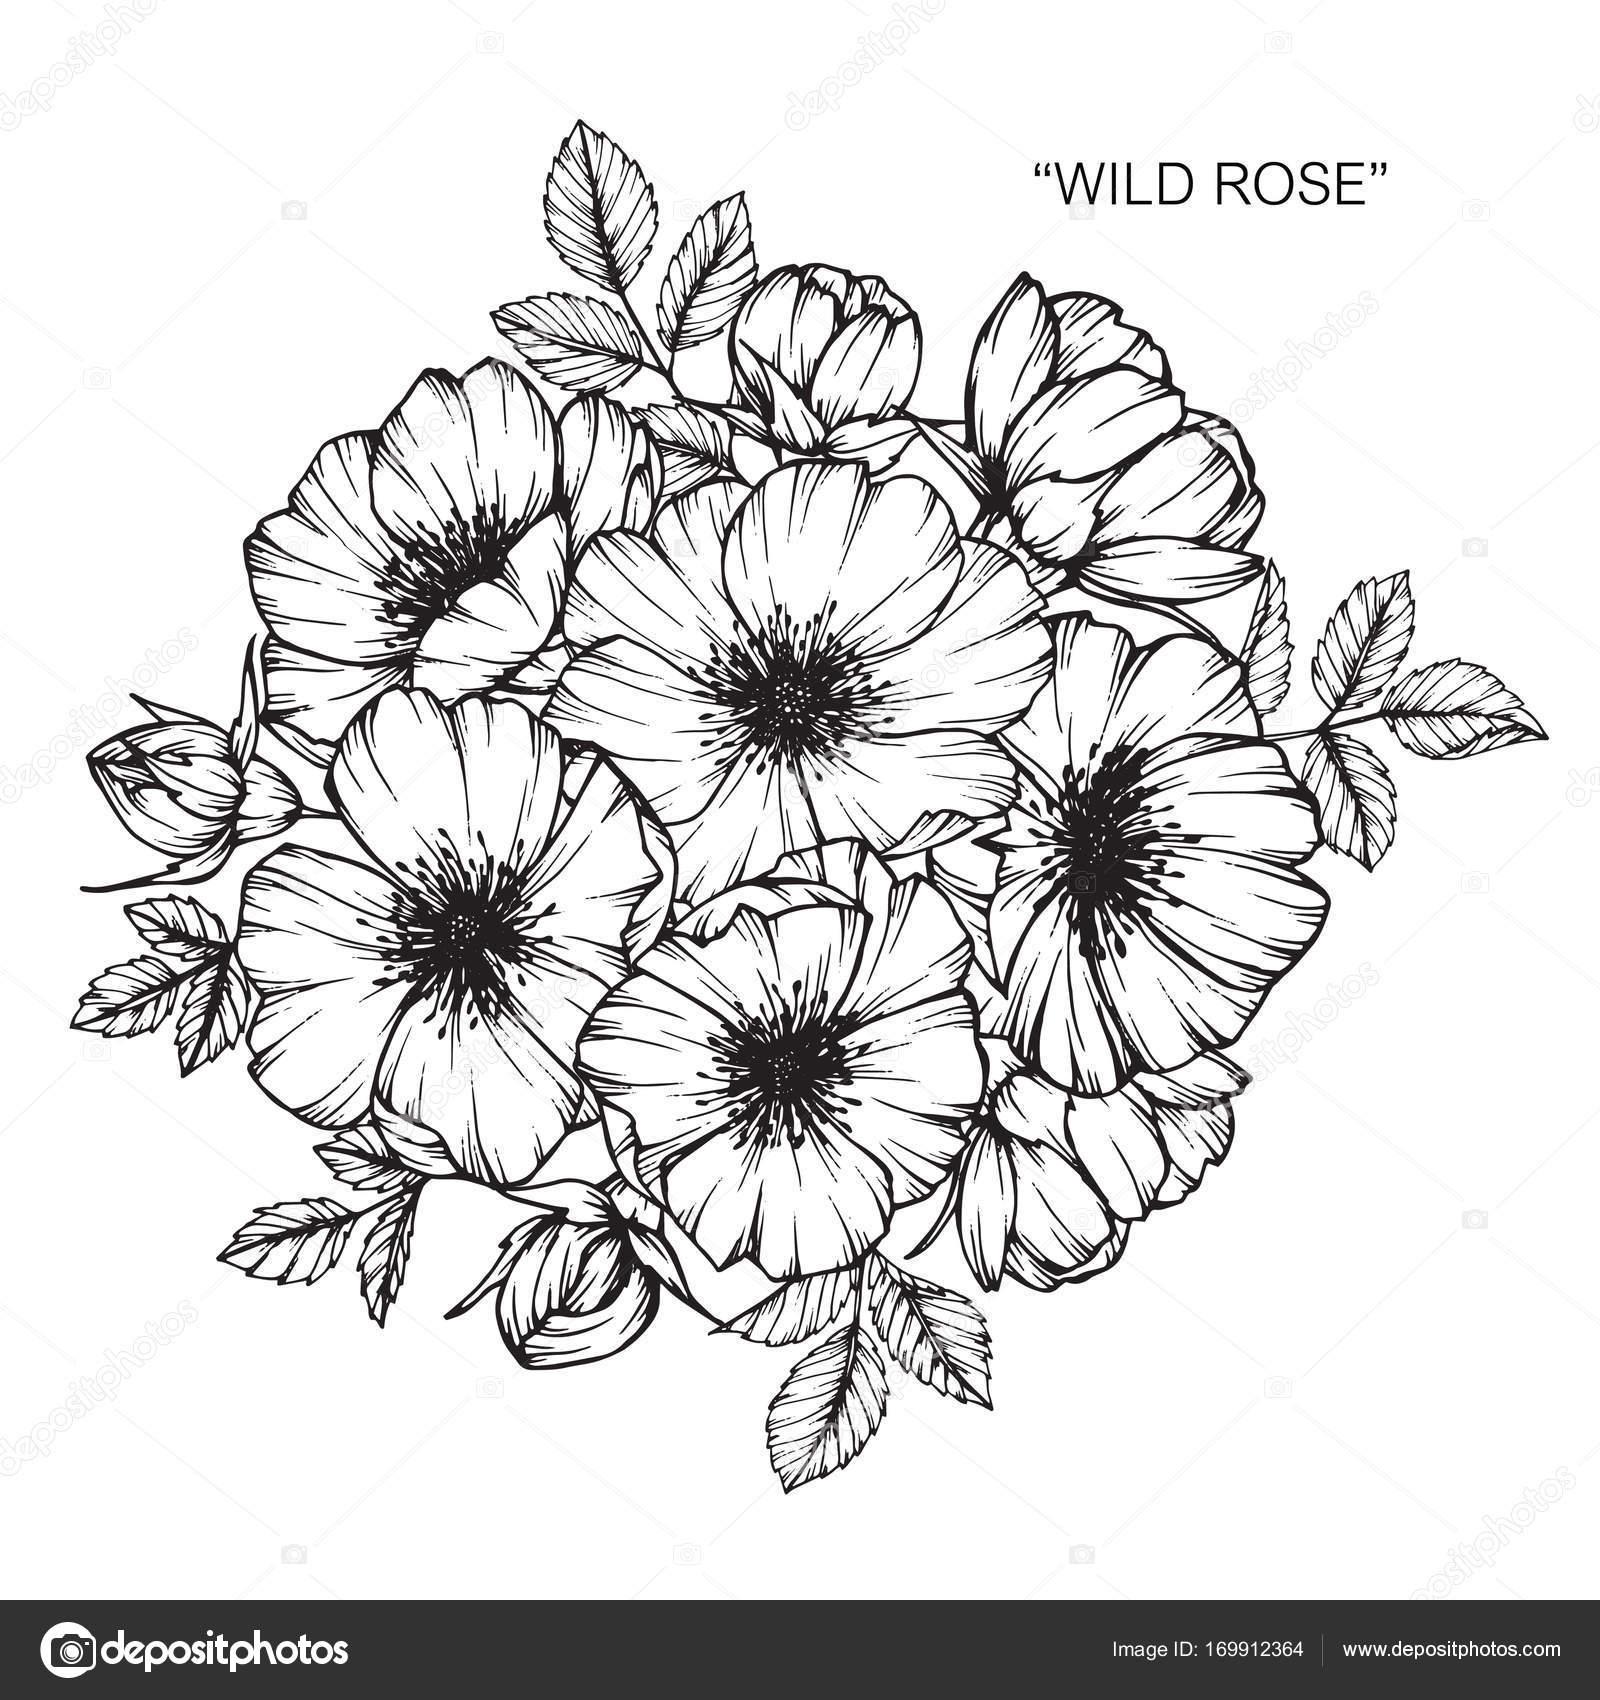 Flor de rosa selvagem. Sketch com linha preta e branca-arte e ...